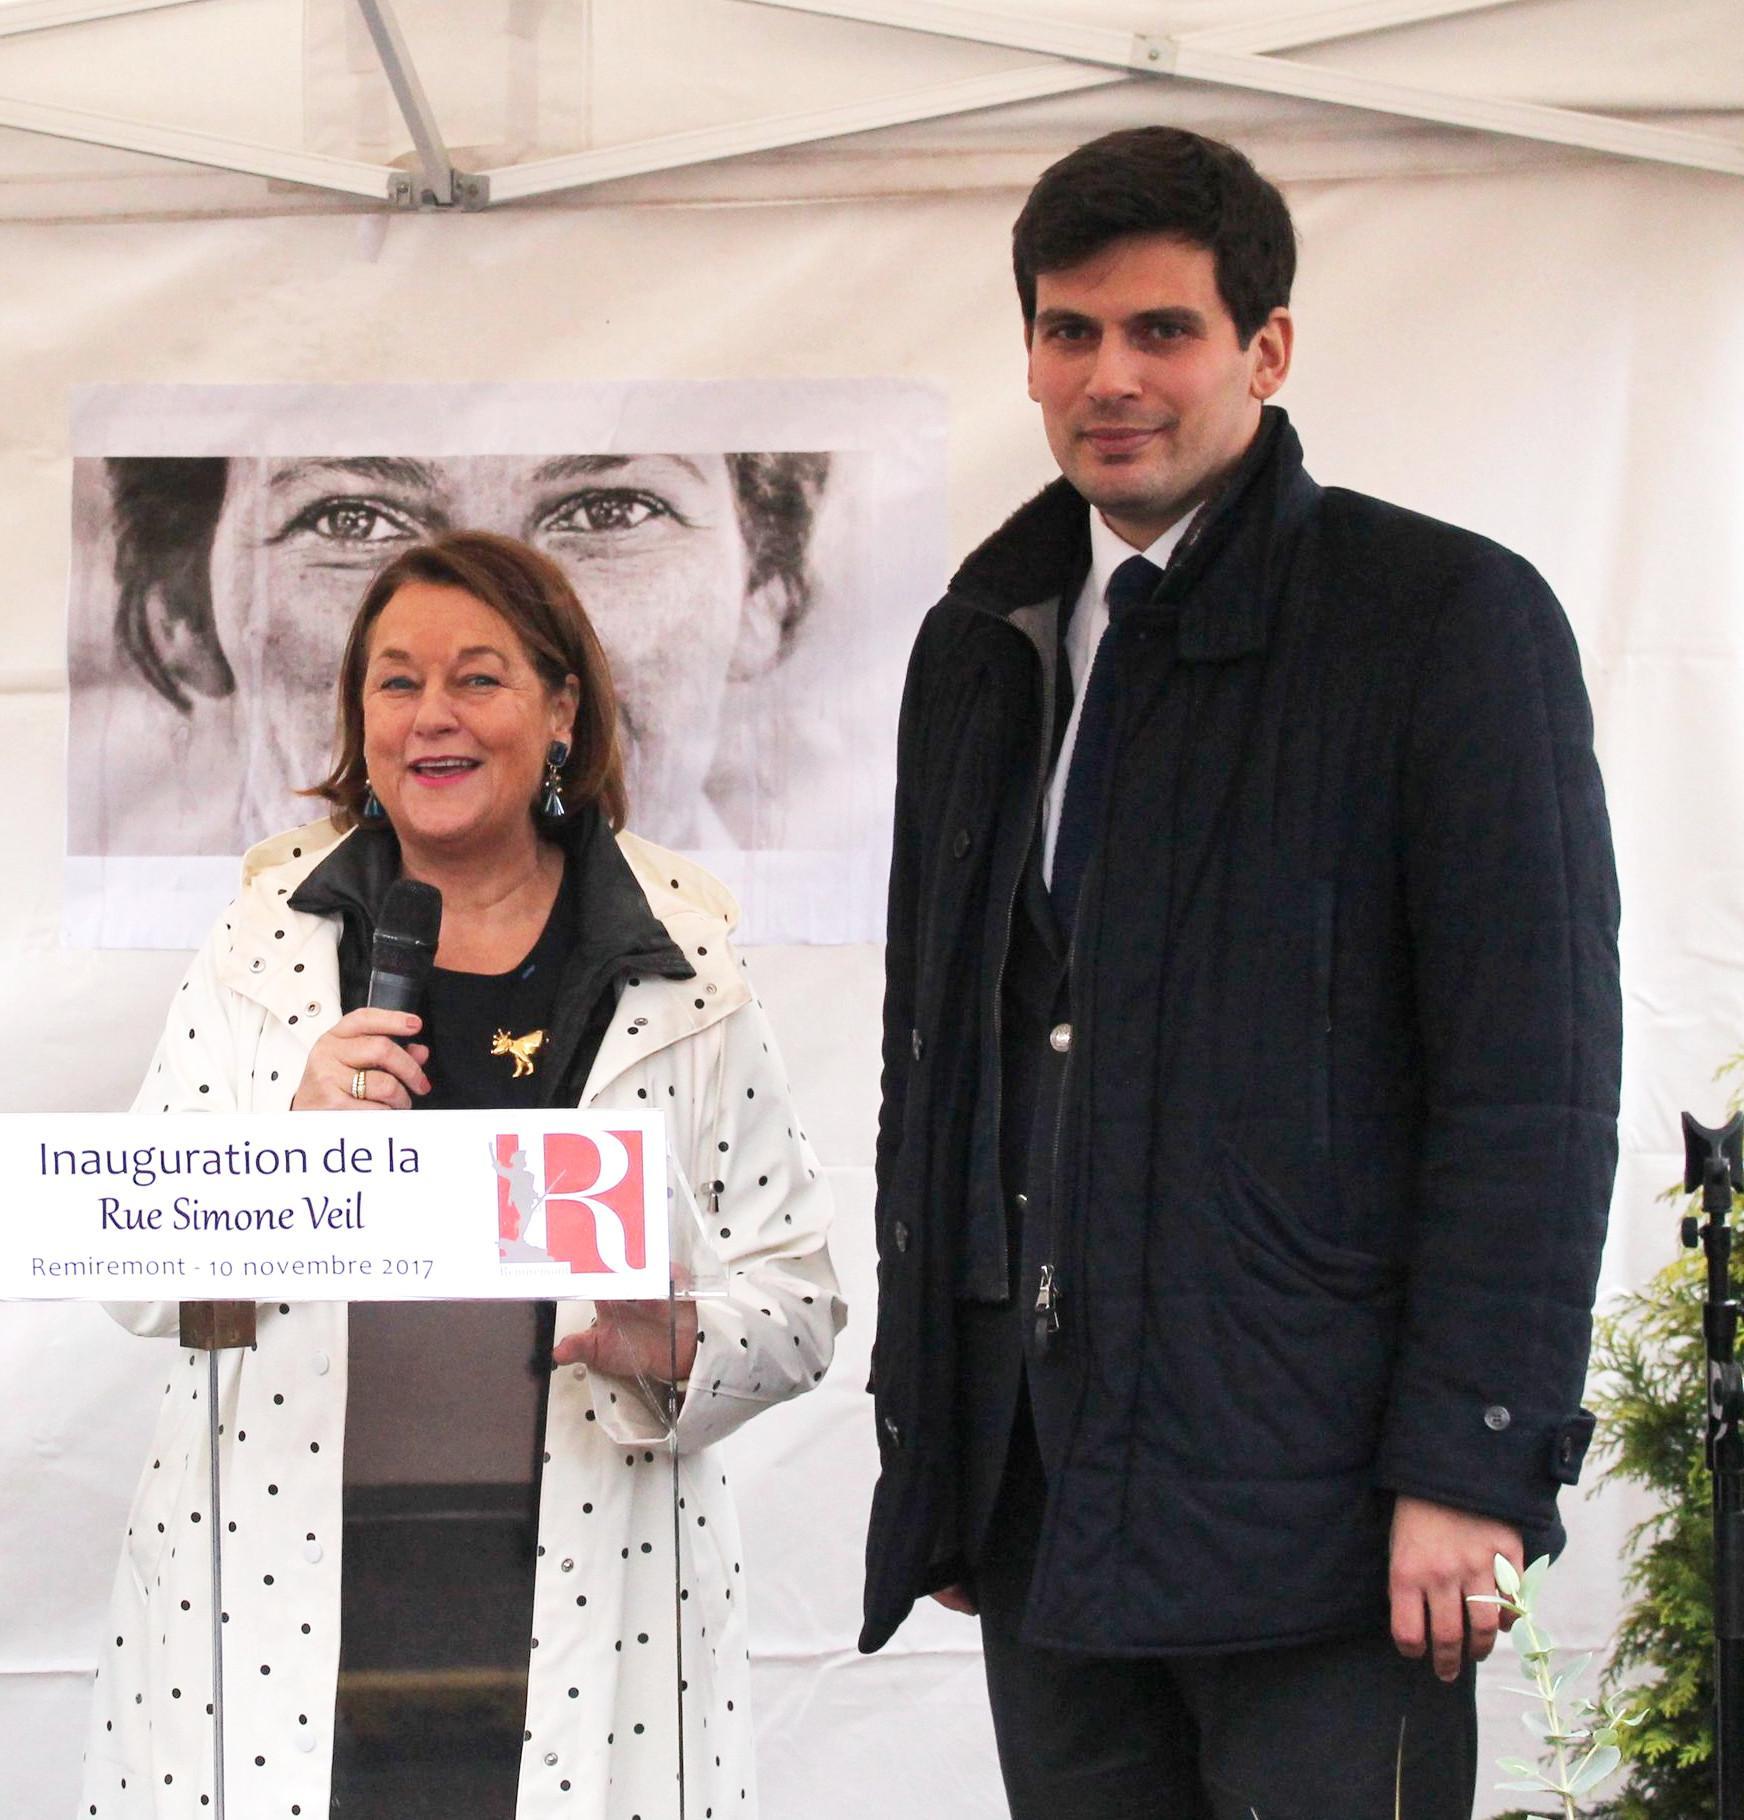 Inauguration de la rue Simone Veil (Novembre 2017) en présence de Nathalie Griesbeck, Députée européenne.